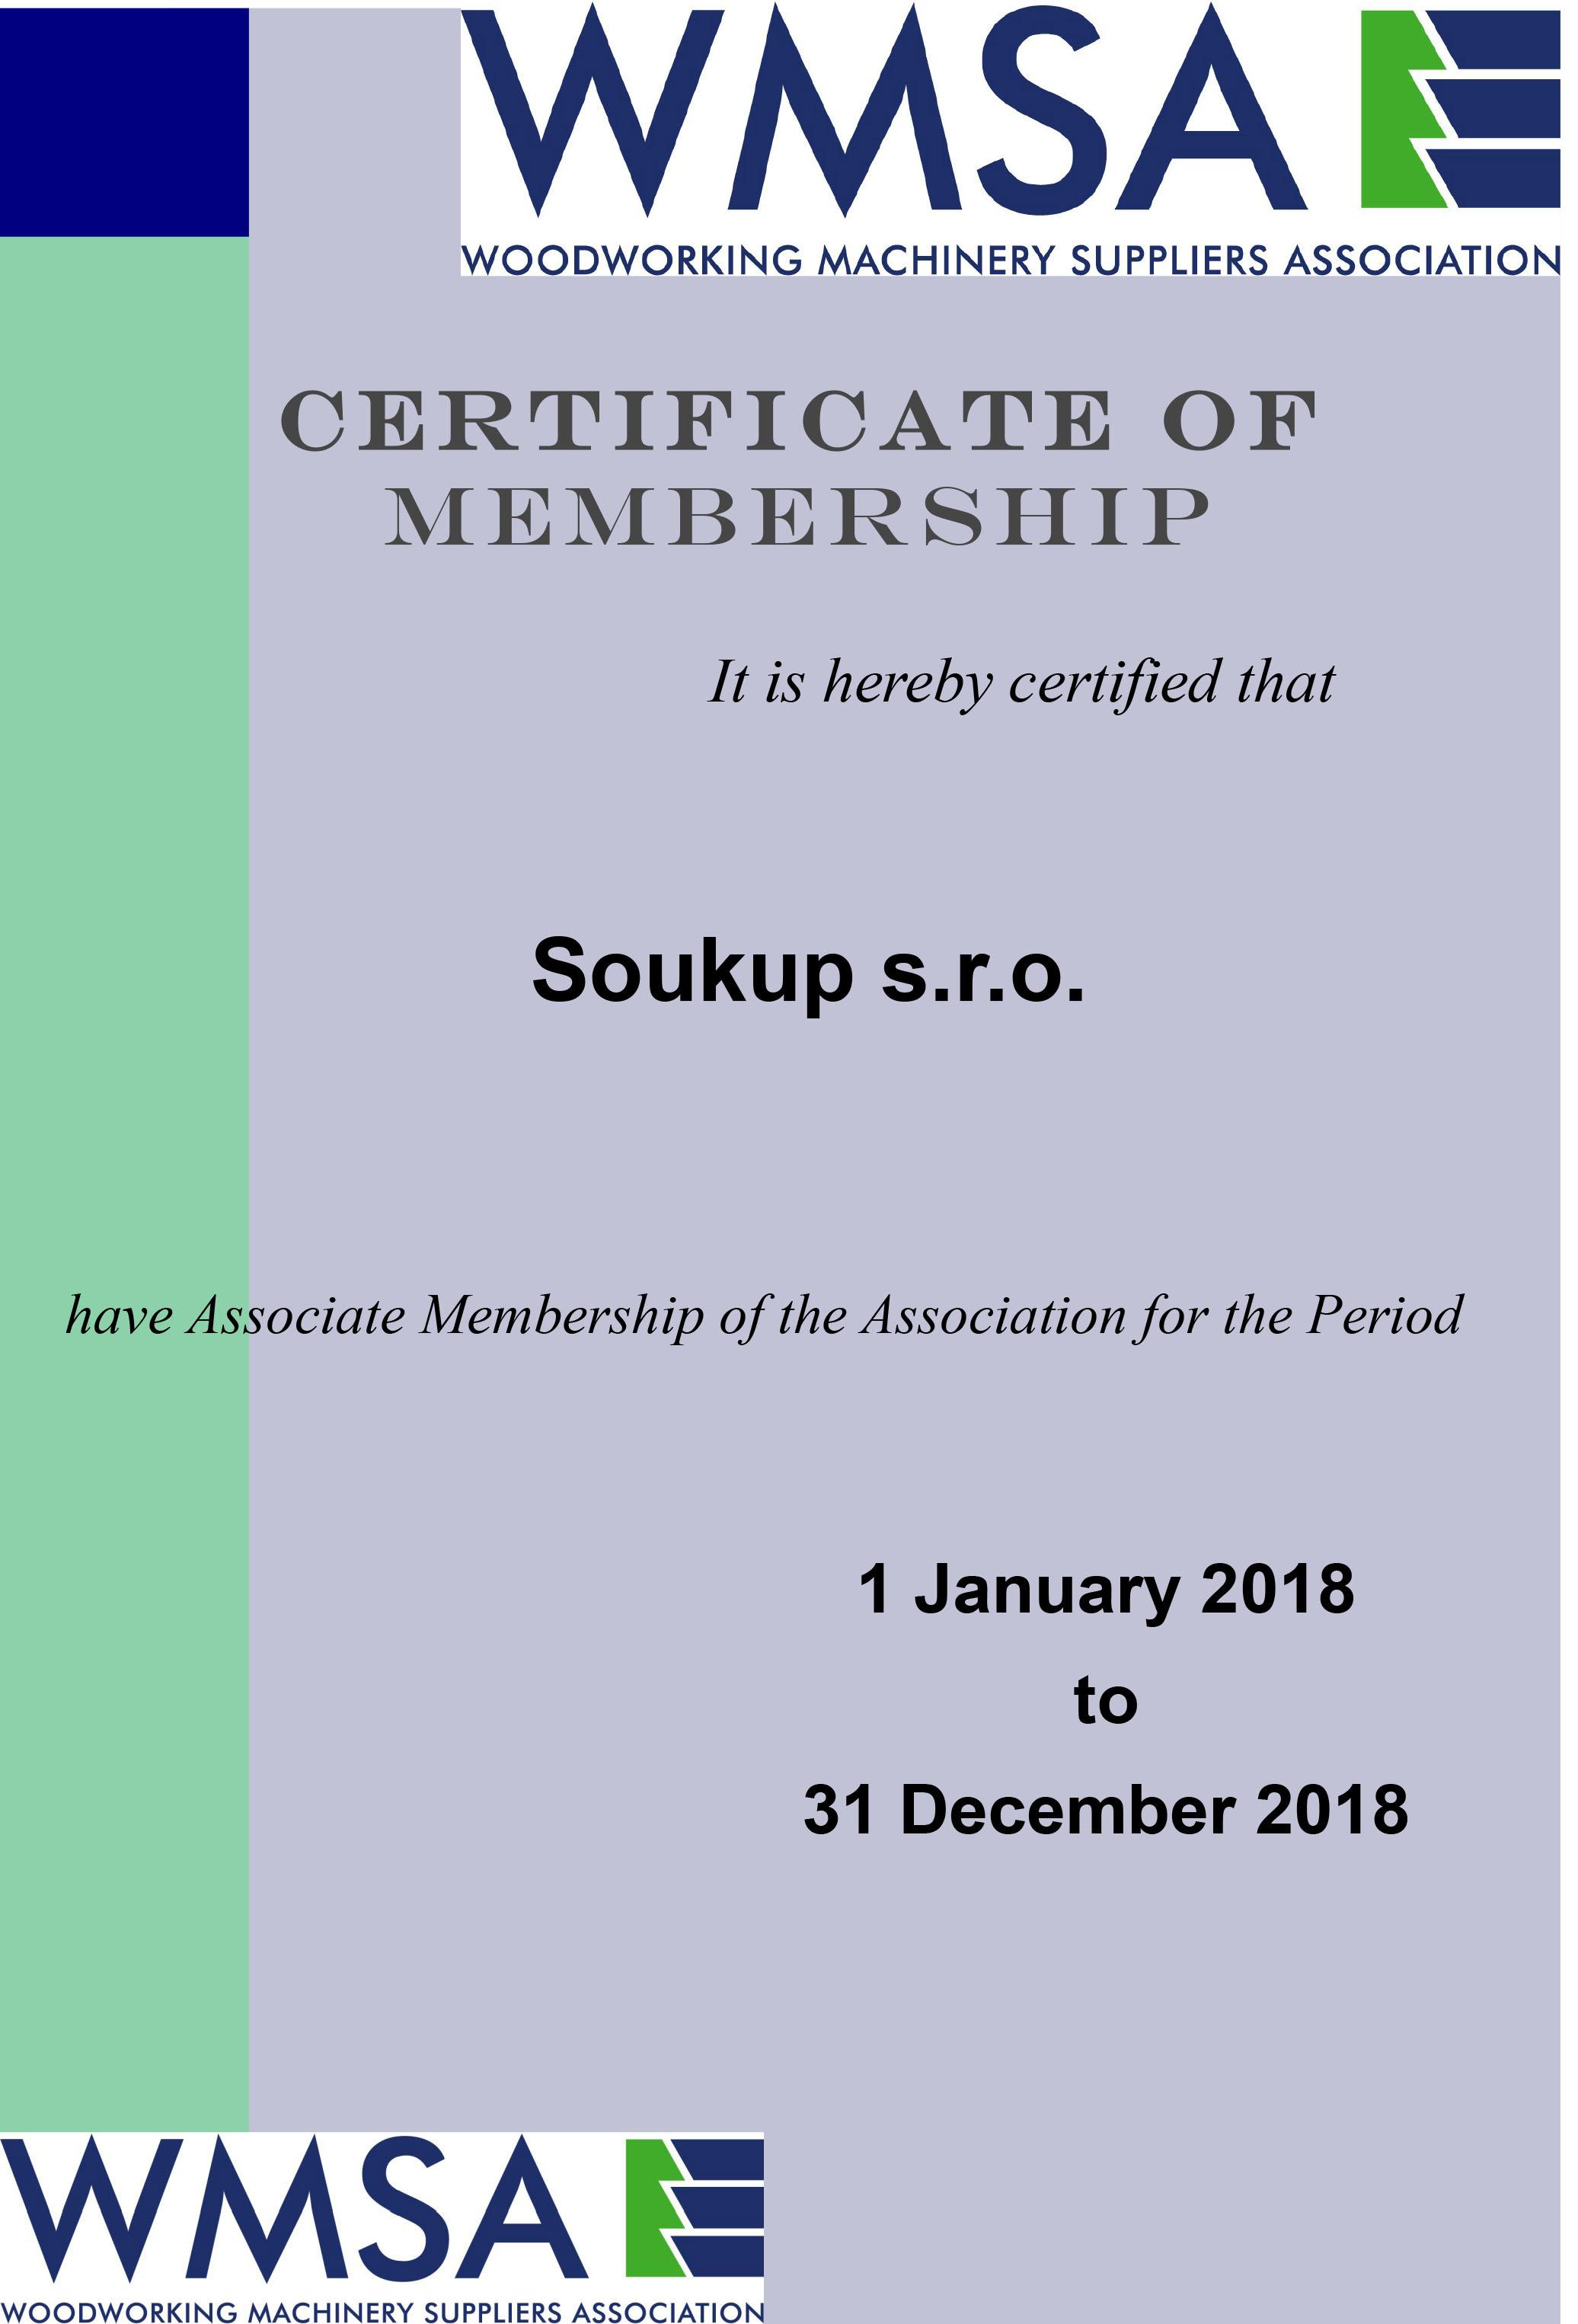 WMSA Certificate of Membership